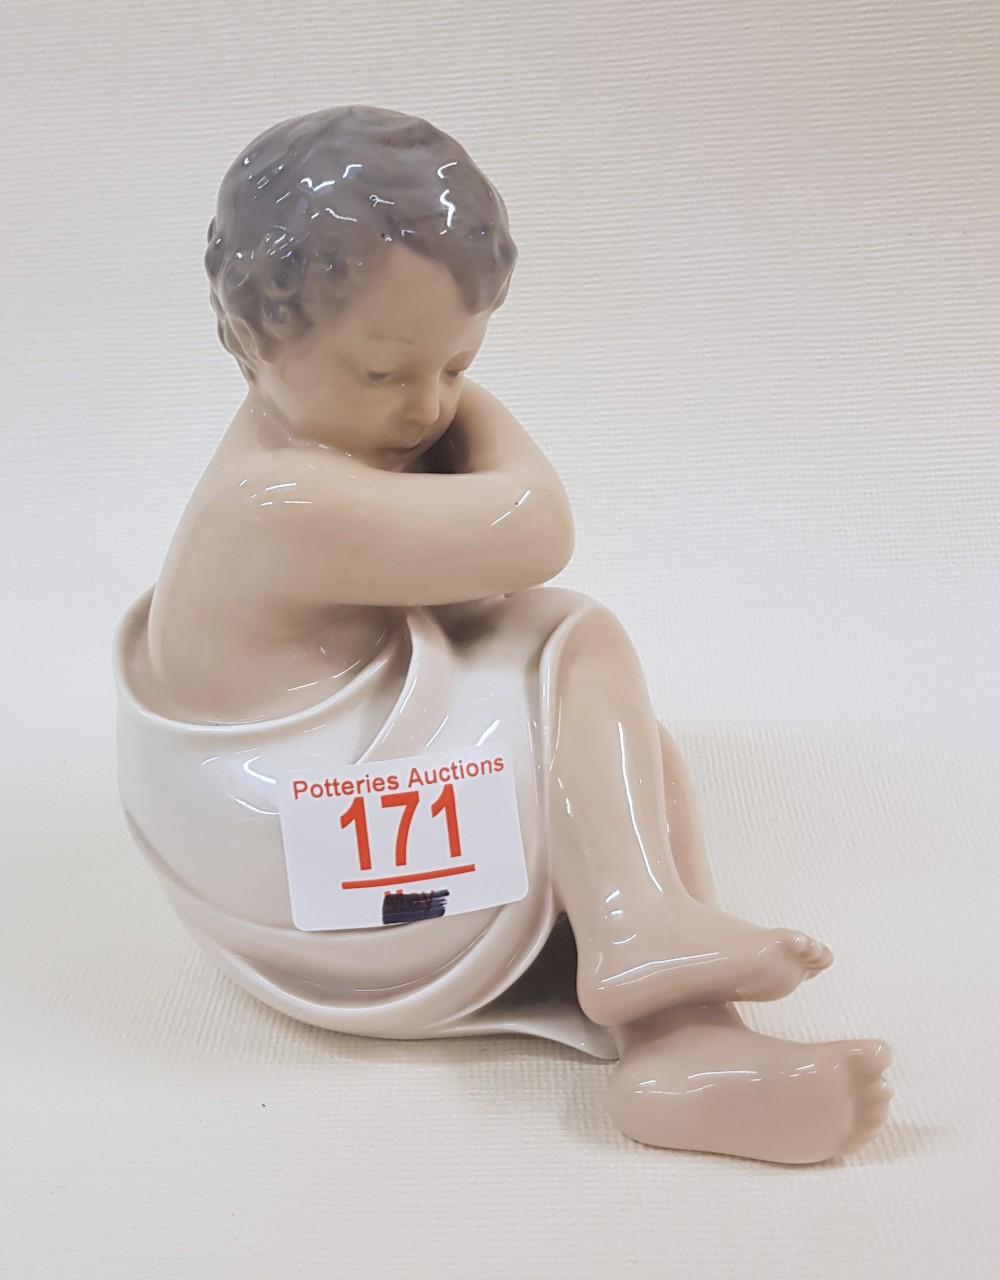 Royal Copenhagen figurine 'Rosebud': 3009, 14cm in height.